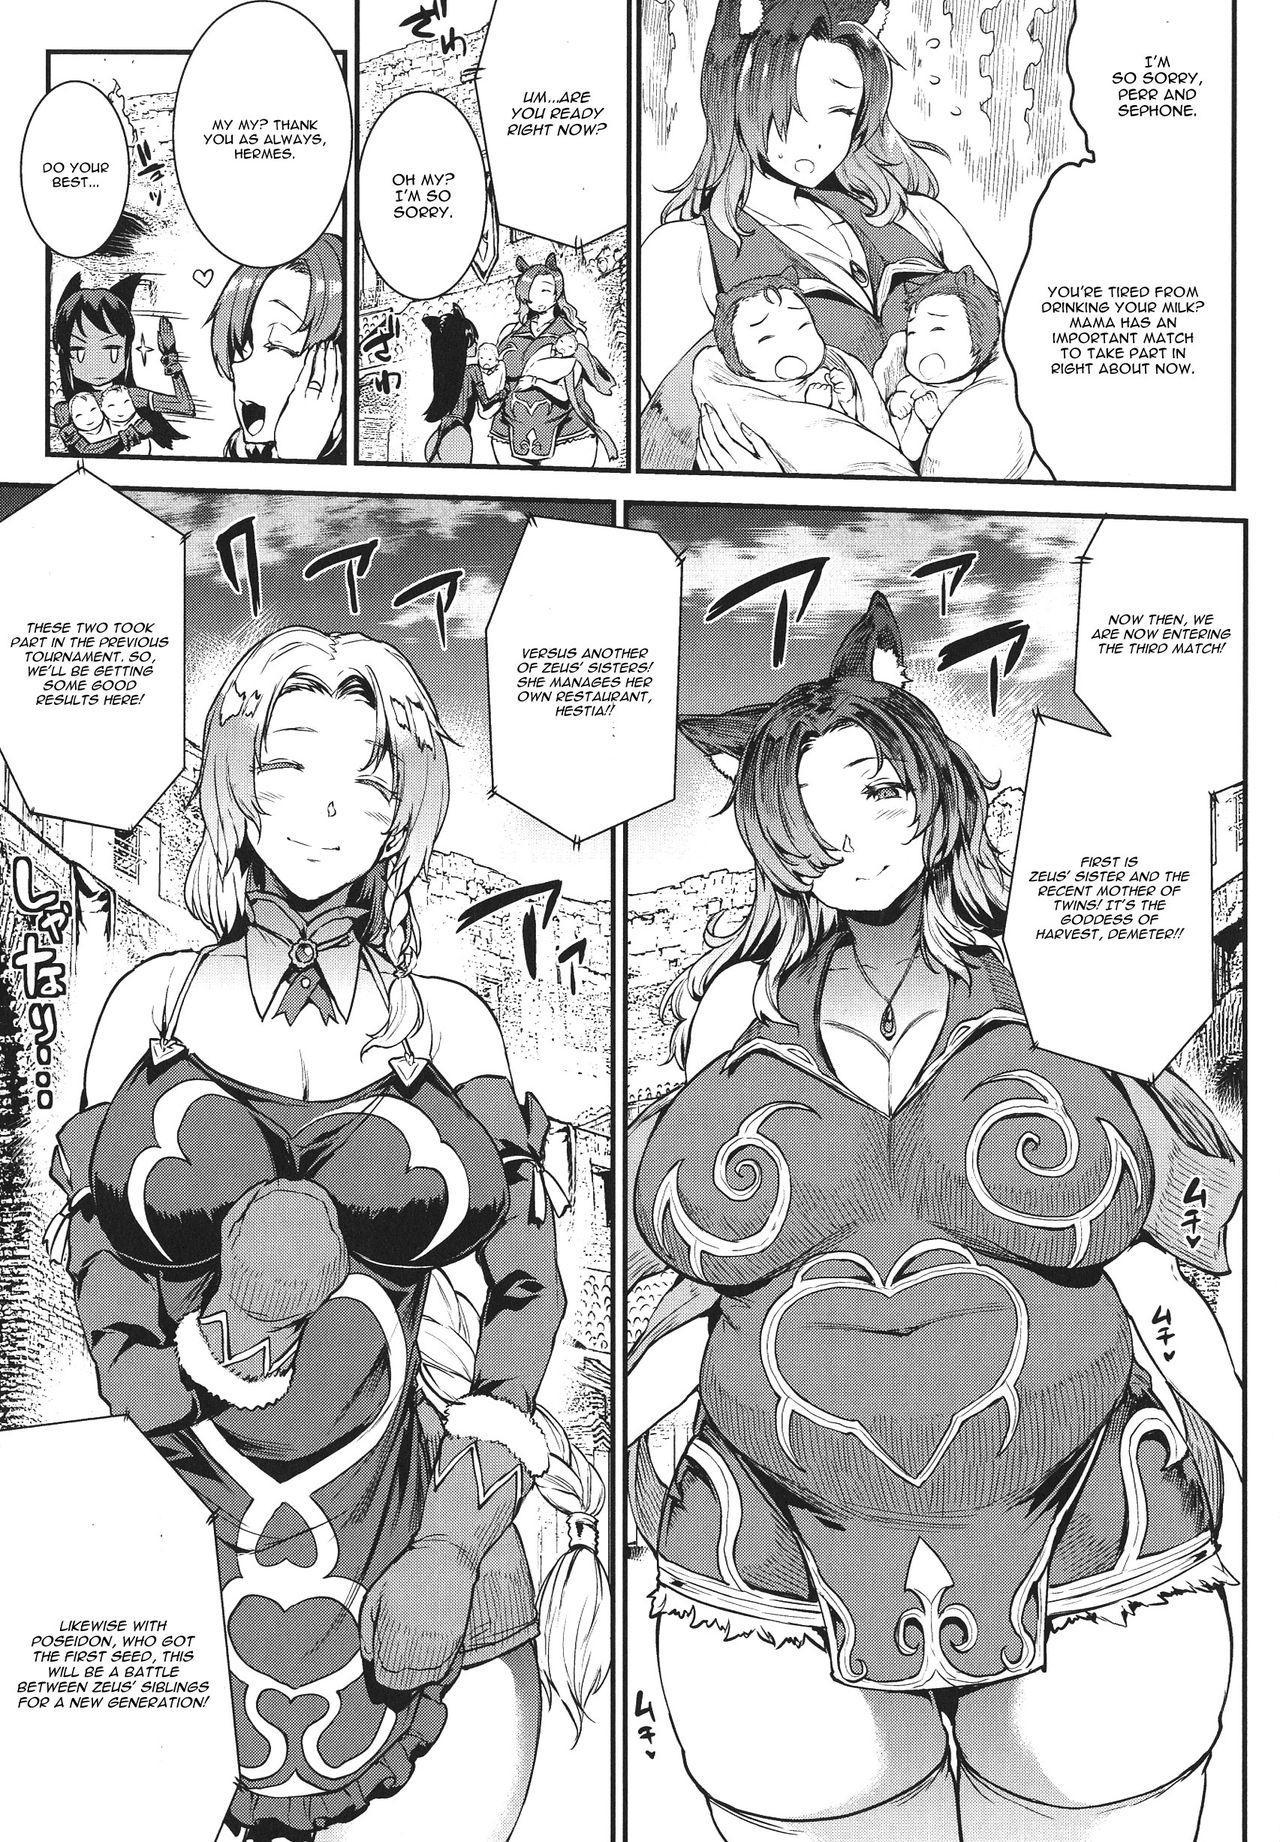 [Erect Sawaru] Raikou Shinki Igis Magia -PANDRA saga 3rd ignition- Ch. 1-6 [English] [CGrascal] 129